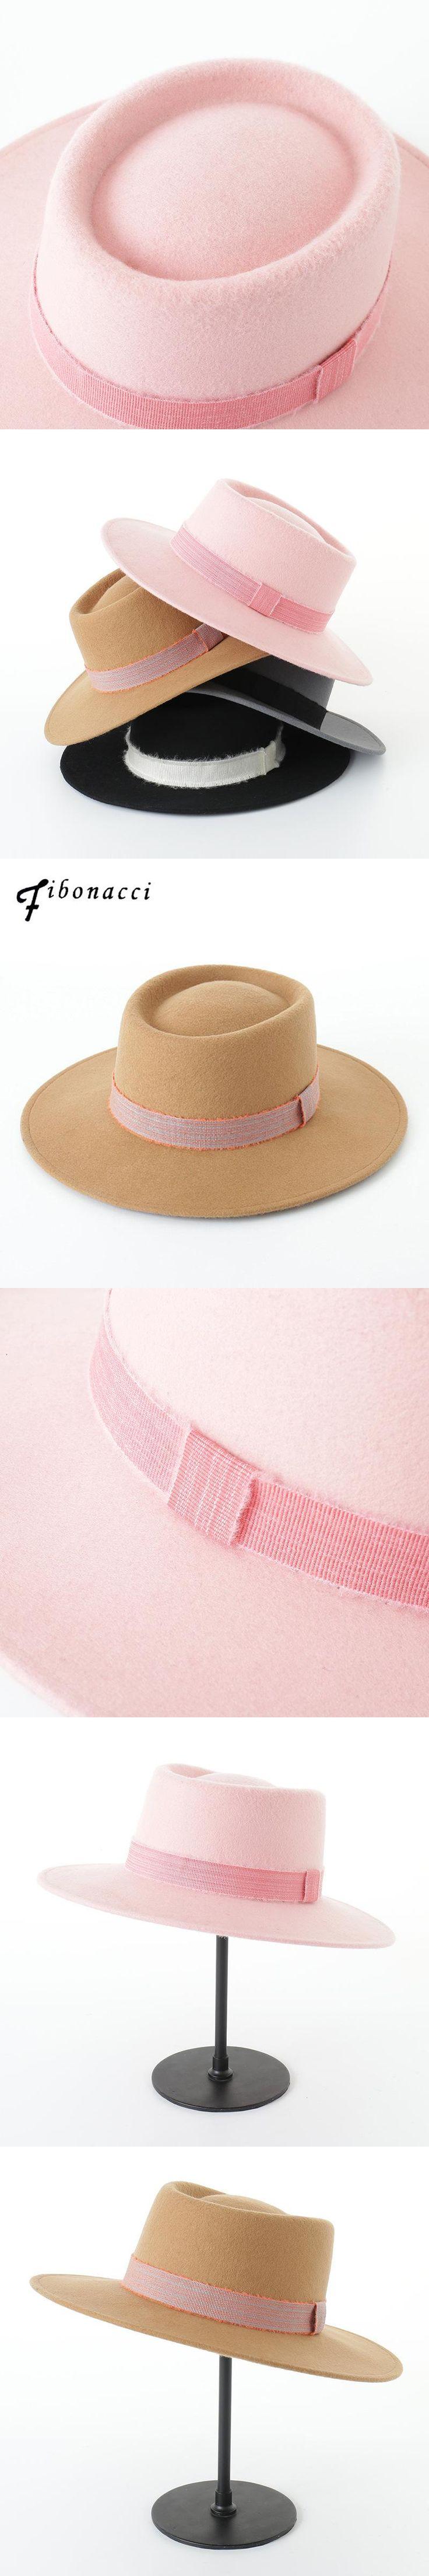 Fibonacci Men Wool Felt Pork Pie Hats Winter Women 100%Wool Felt Hat Mens Blank Flat Wide Brim Fedora Hat